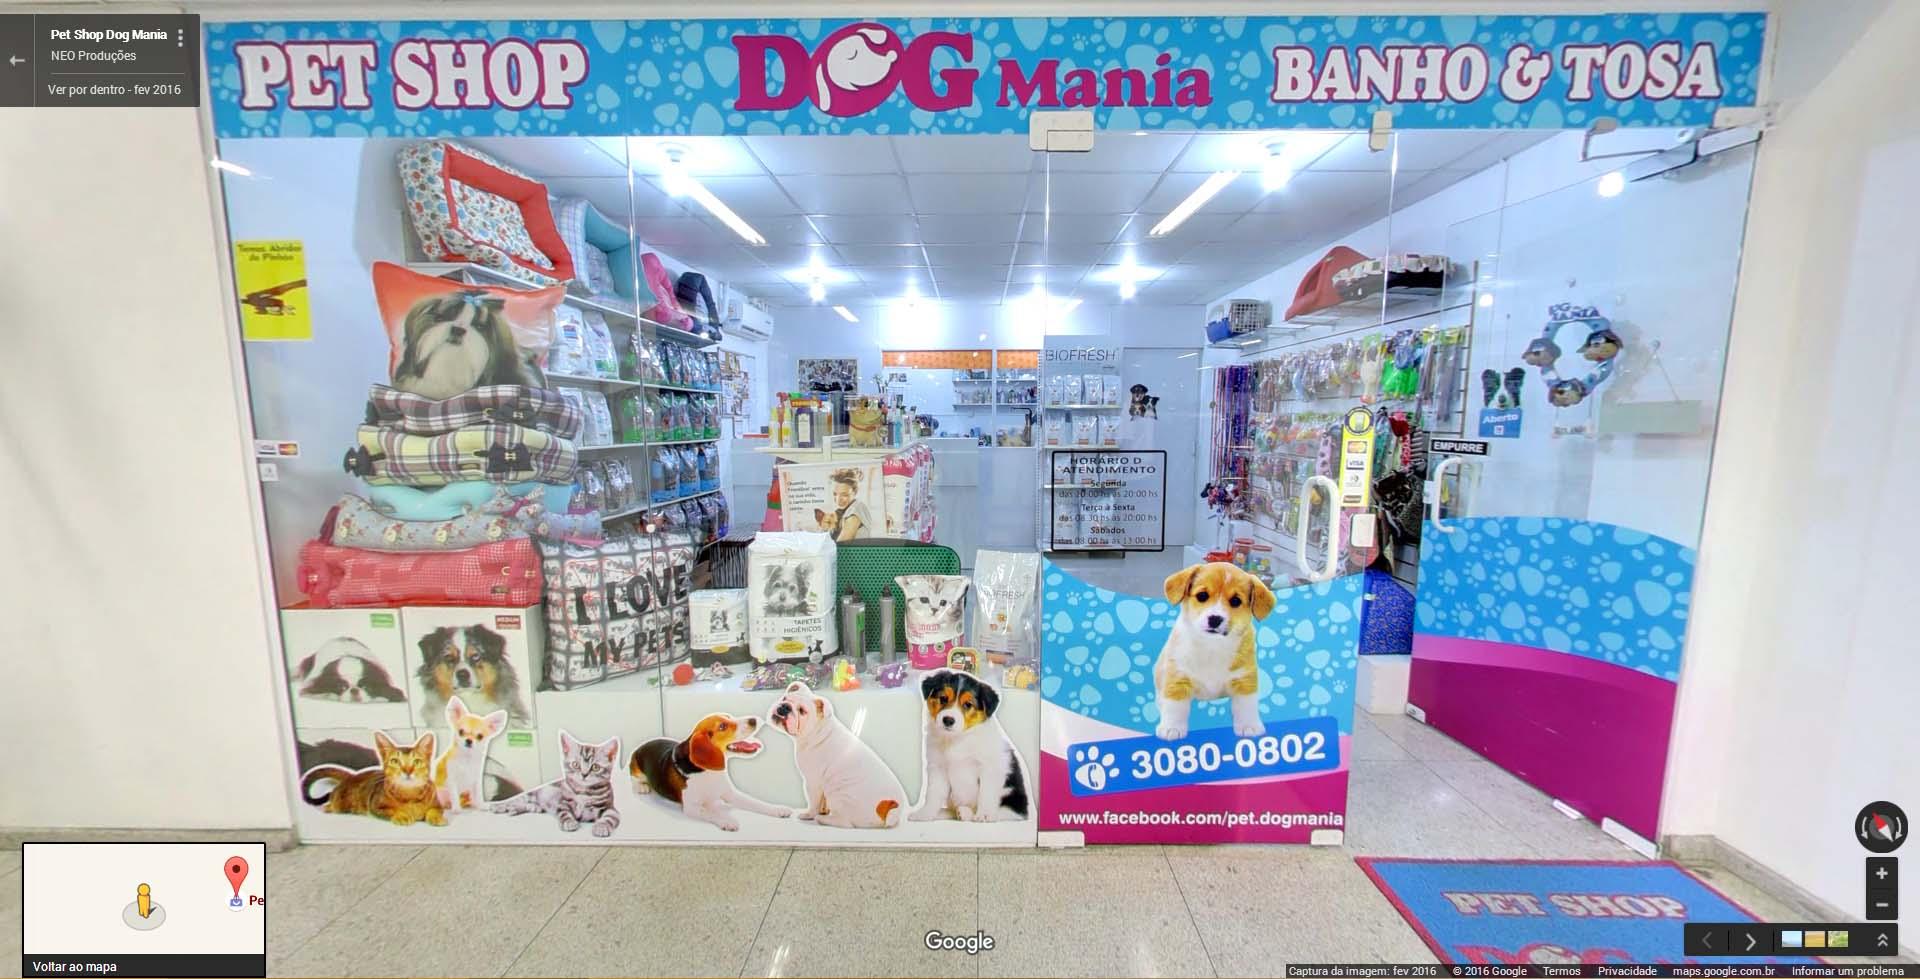 Pet Shop Dog Mania